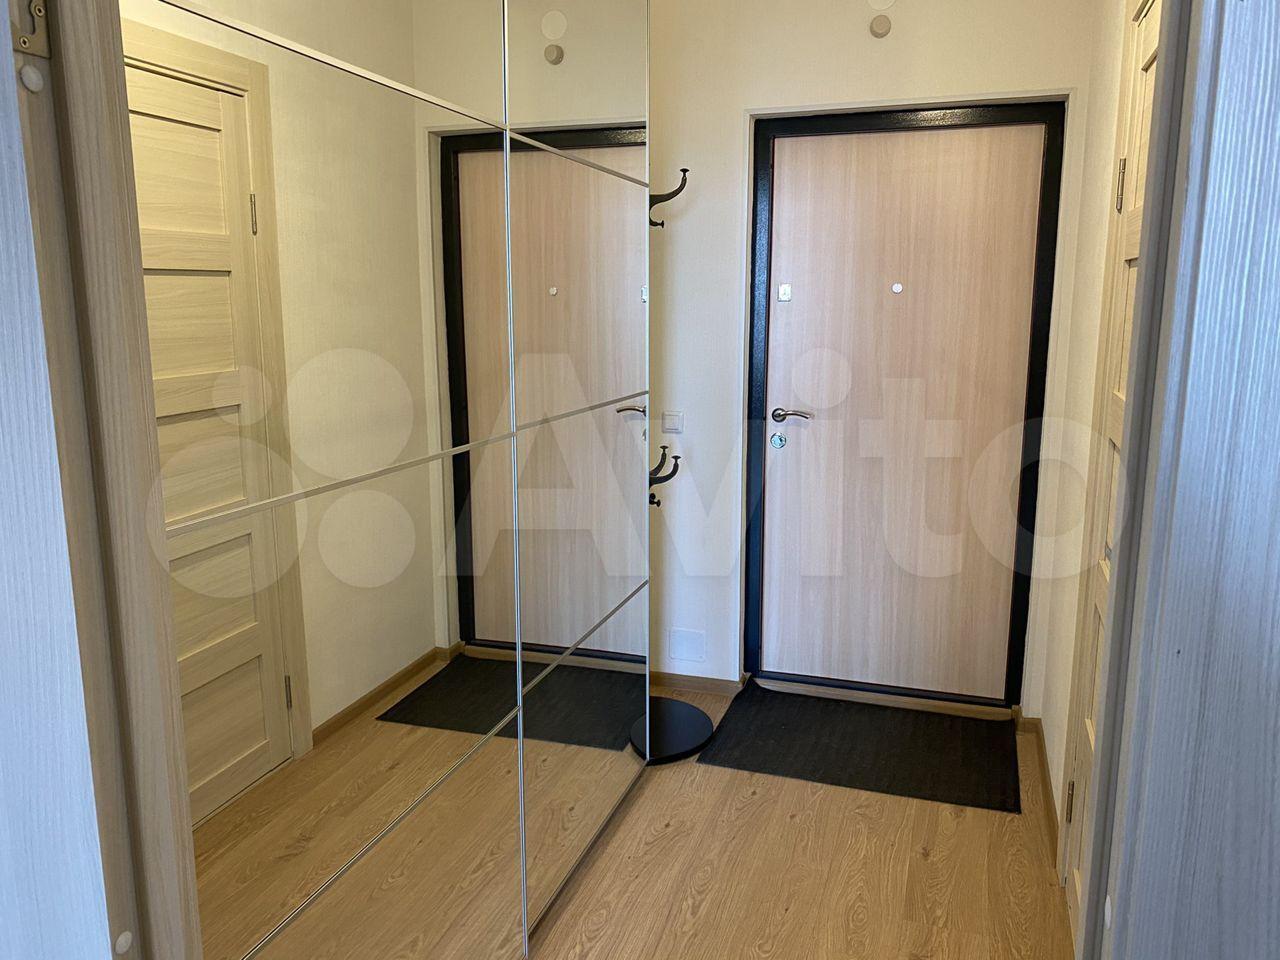 Квартира-студия, 26.6 м², 7/17 эт.  89219797096 купить 3